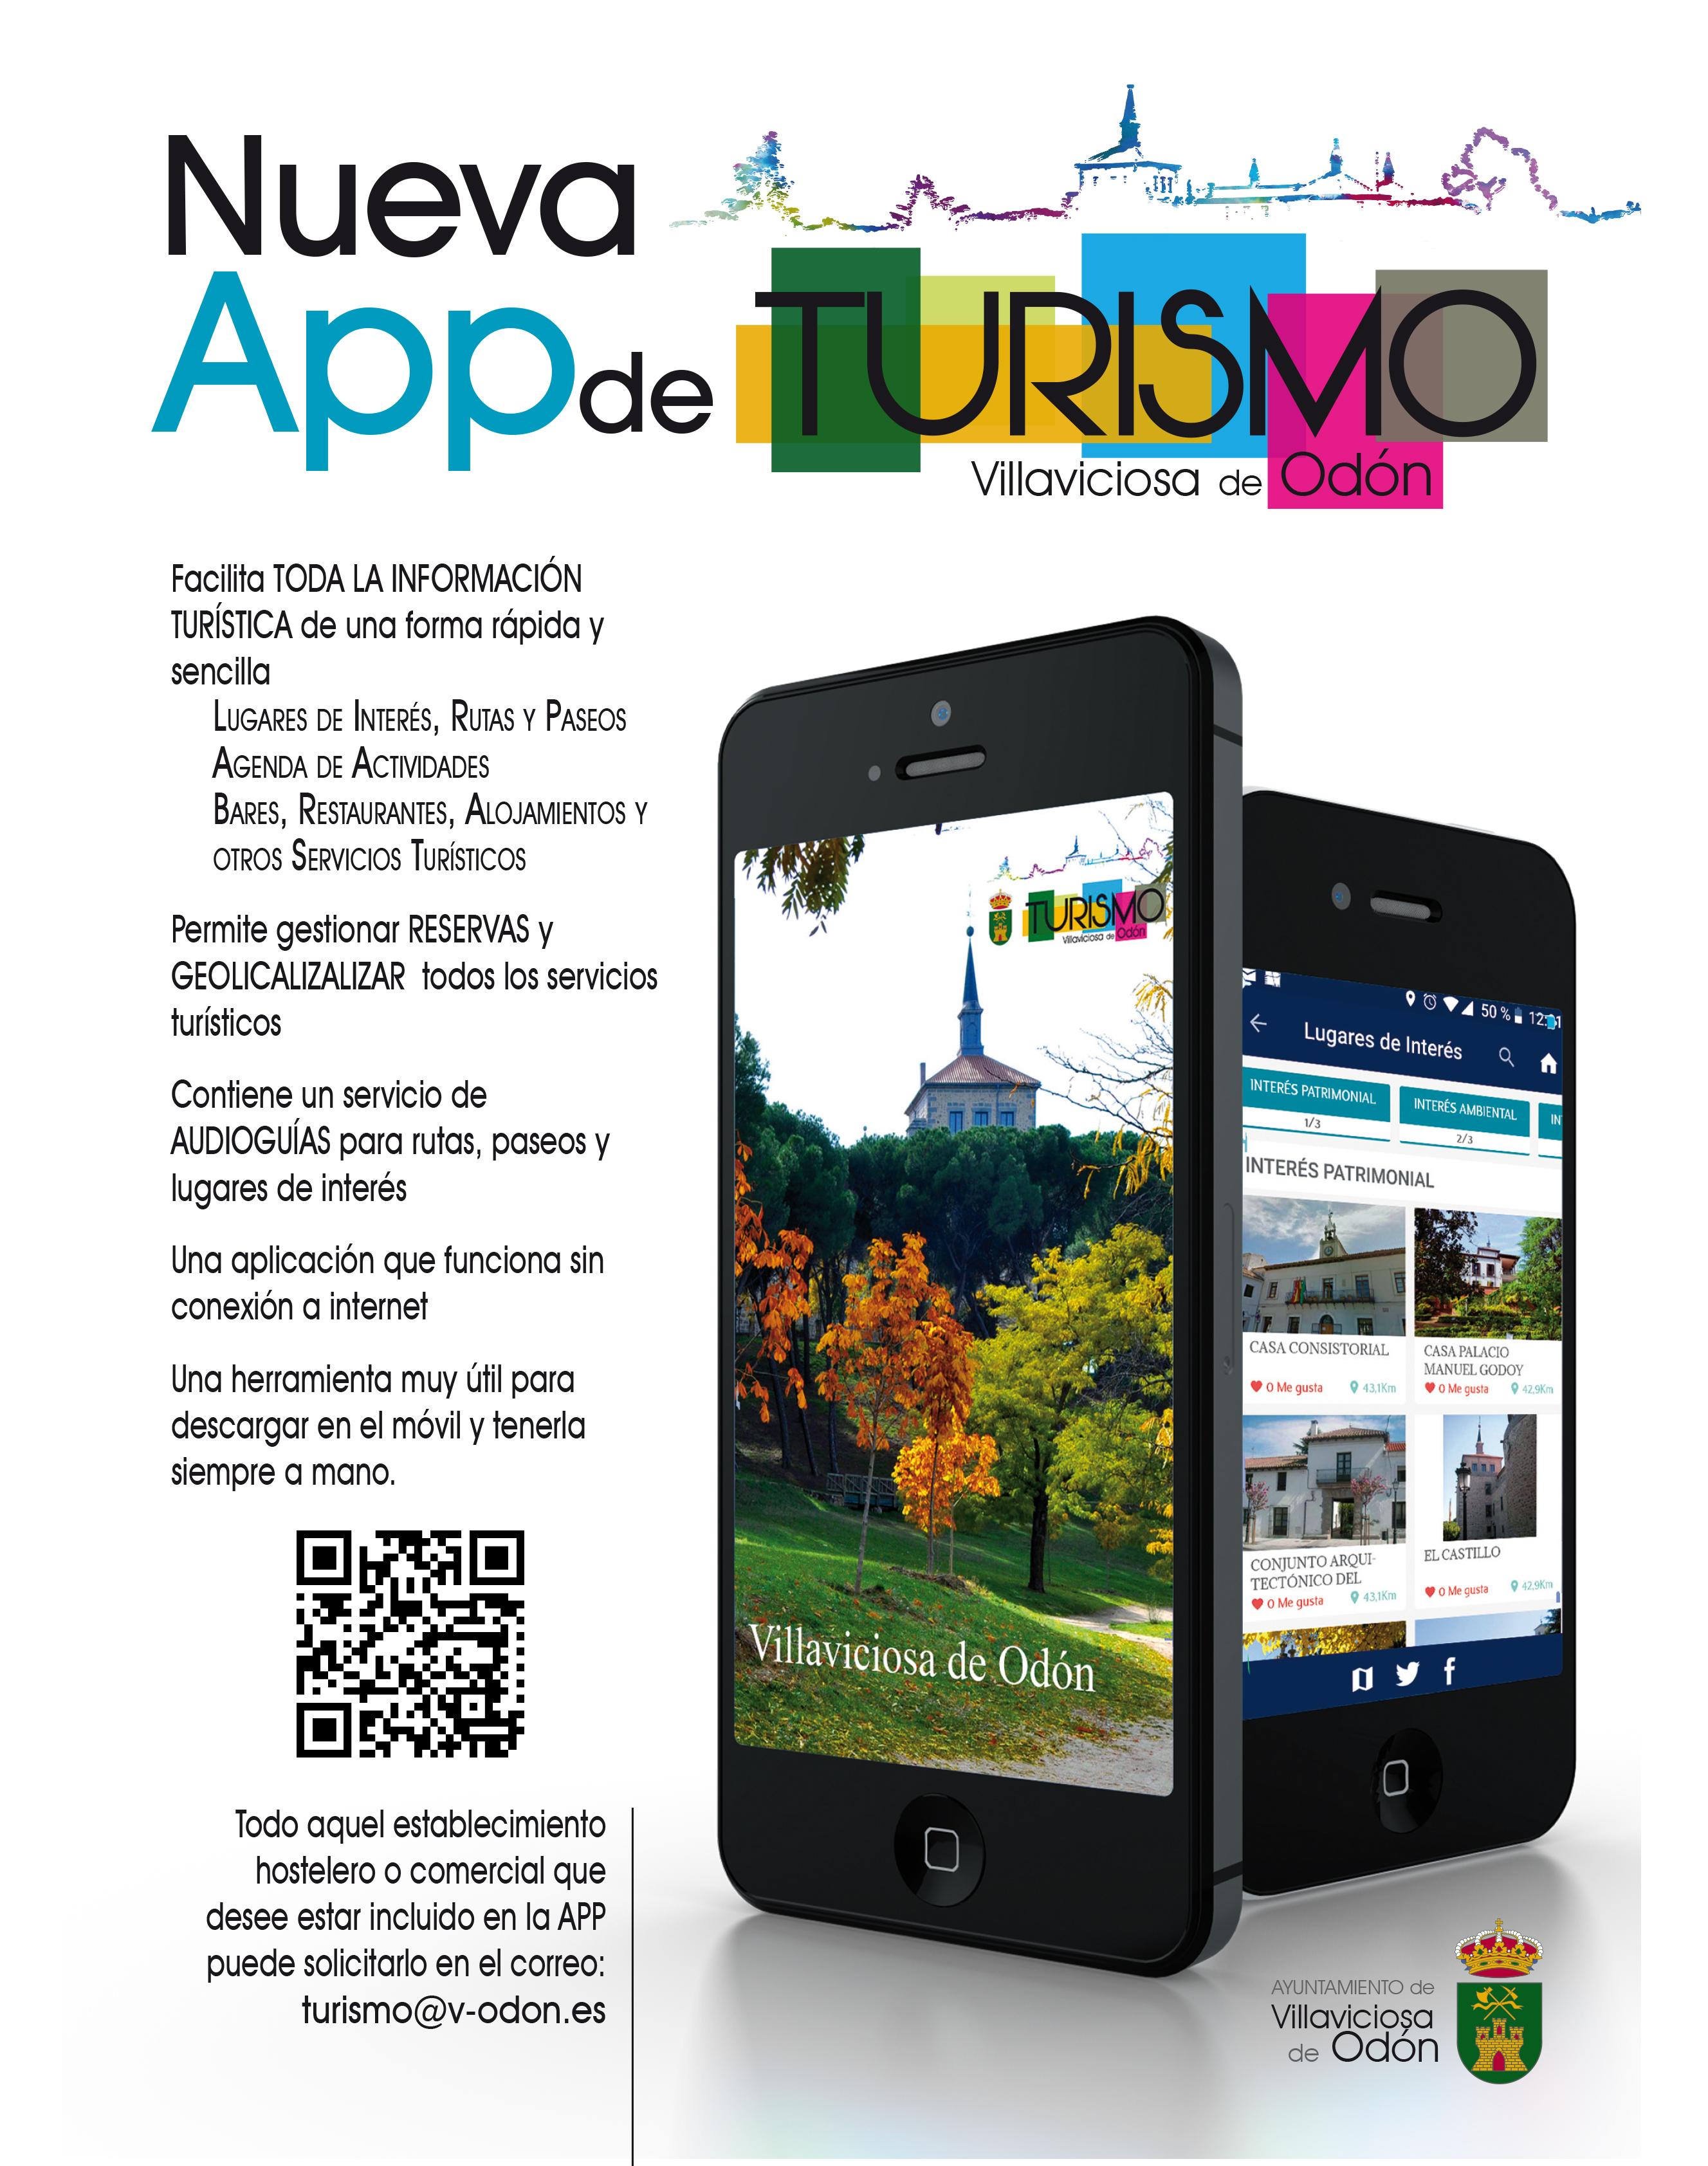 Texto Alternativo: El Ayuntamiento lanza una aplicación para ofrecer información turística de la localidad